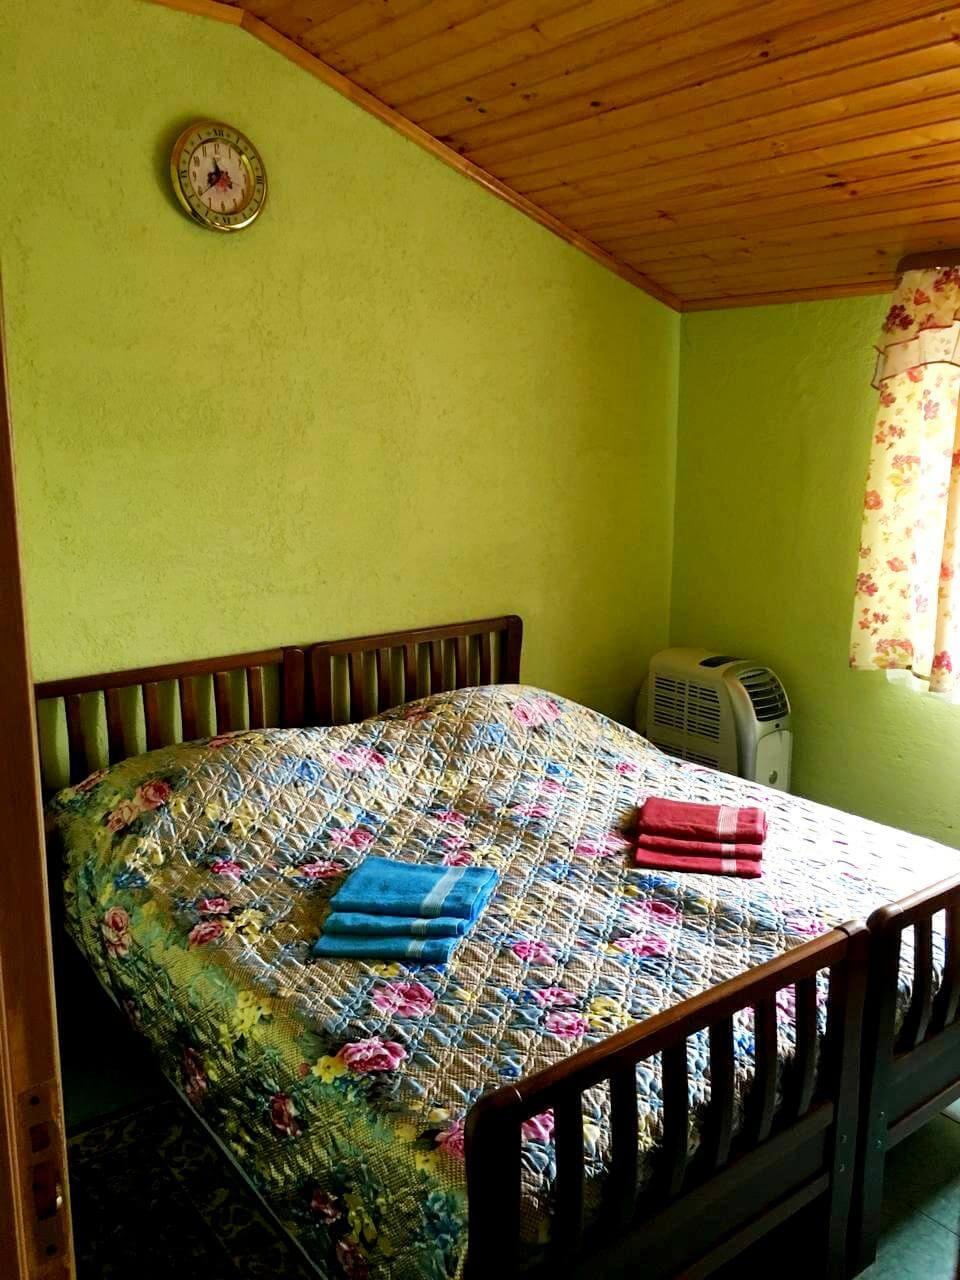 Гостиница на 45 номеров в Адлере - image  on http://bizneskvartal.ru